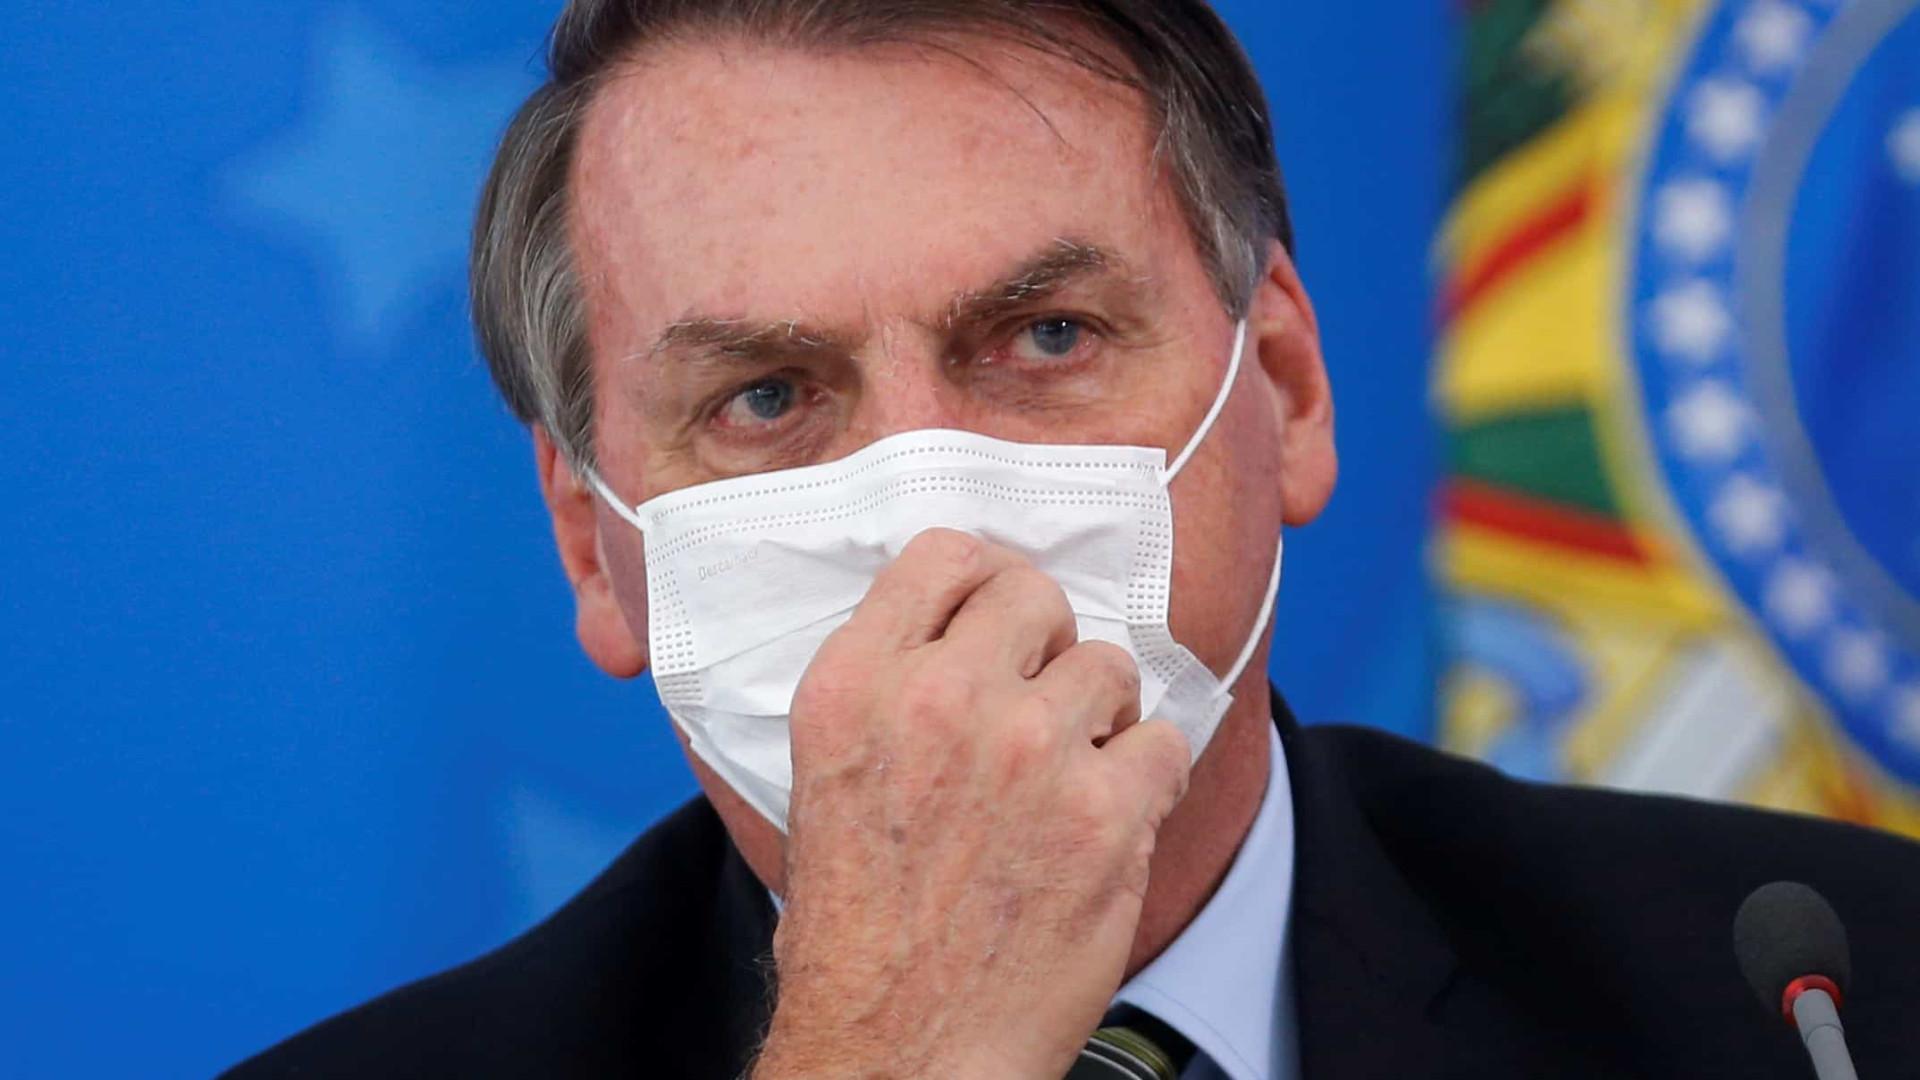 Governadores pedem apoio a Bolsonaro e reafirmam medidas